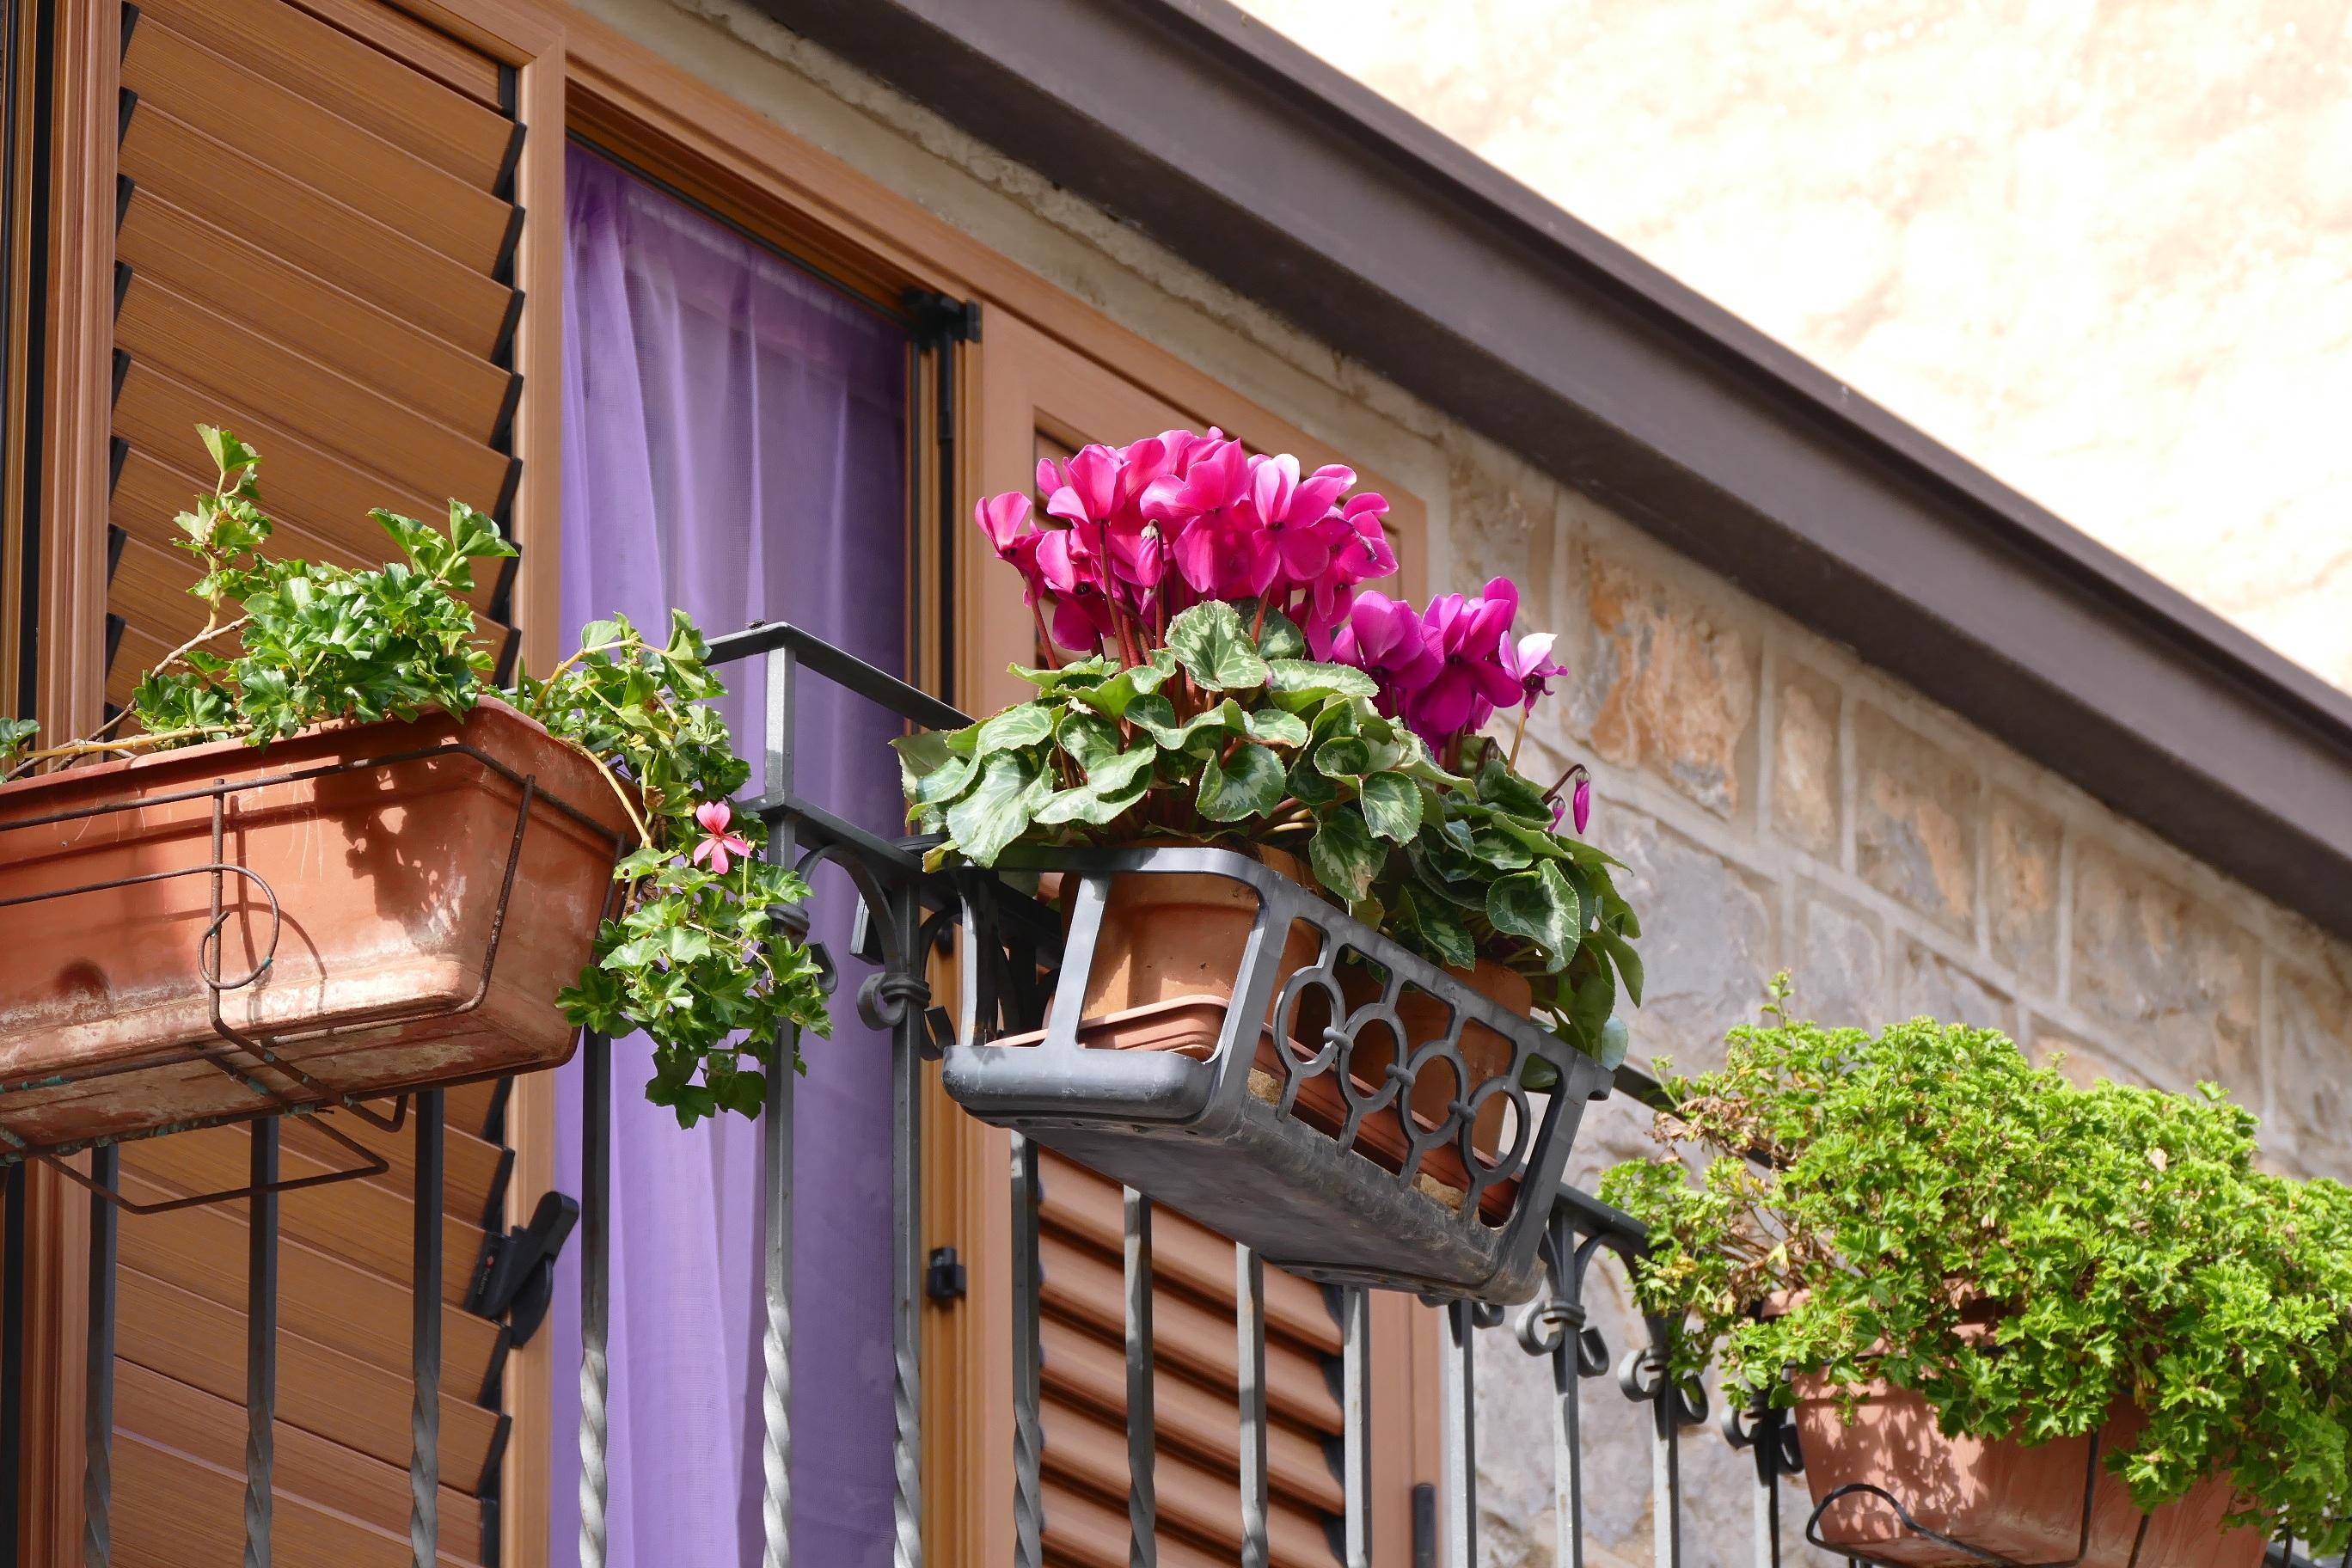 Gambar Rumah Jendela Beranda Pondok Halaman Belakang Italia